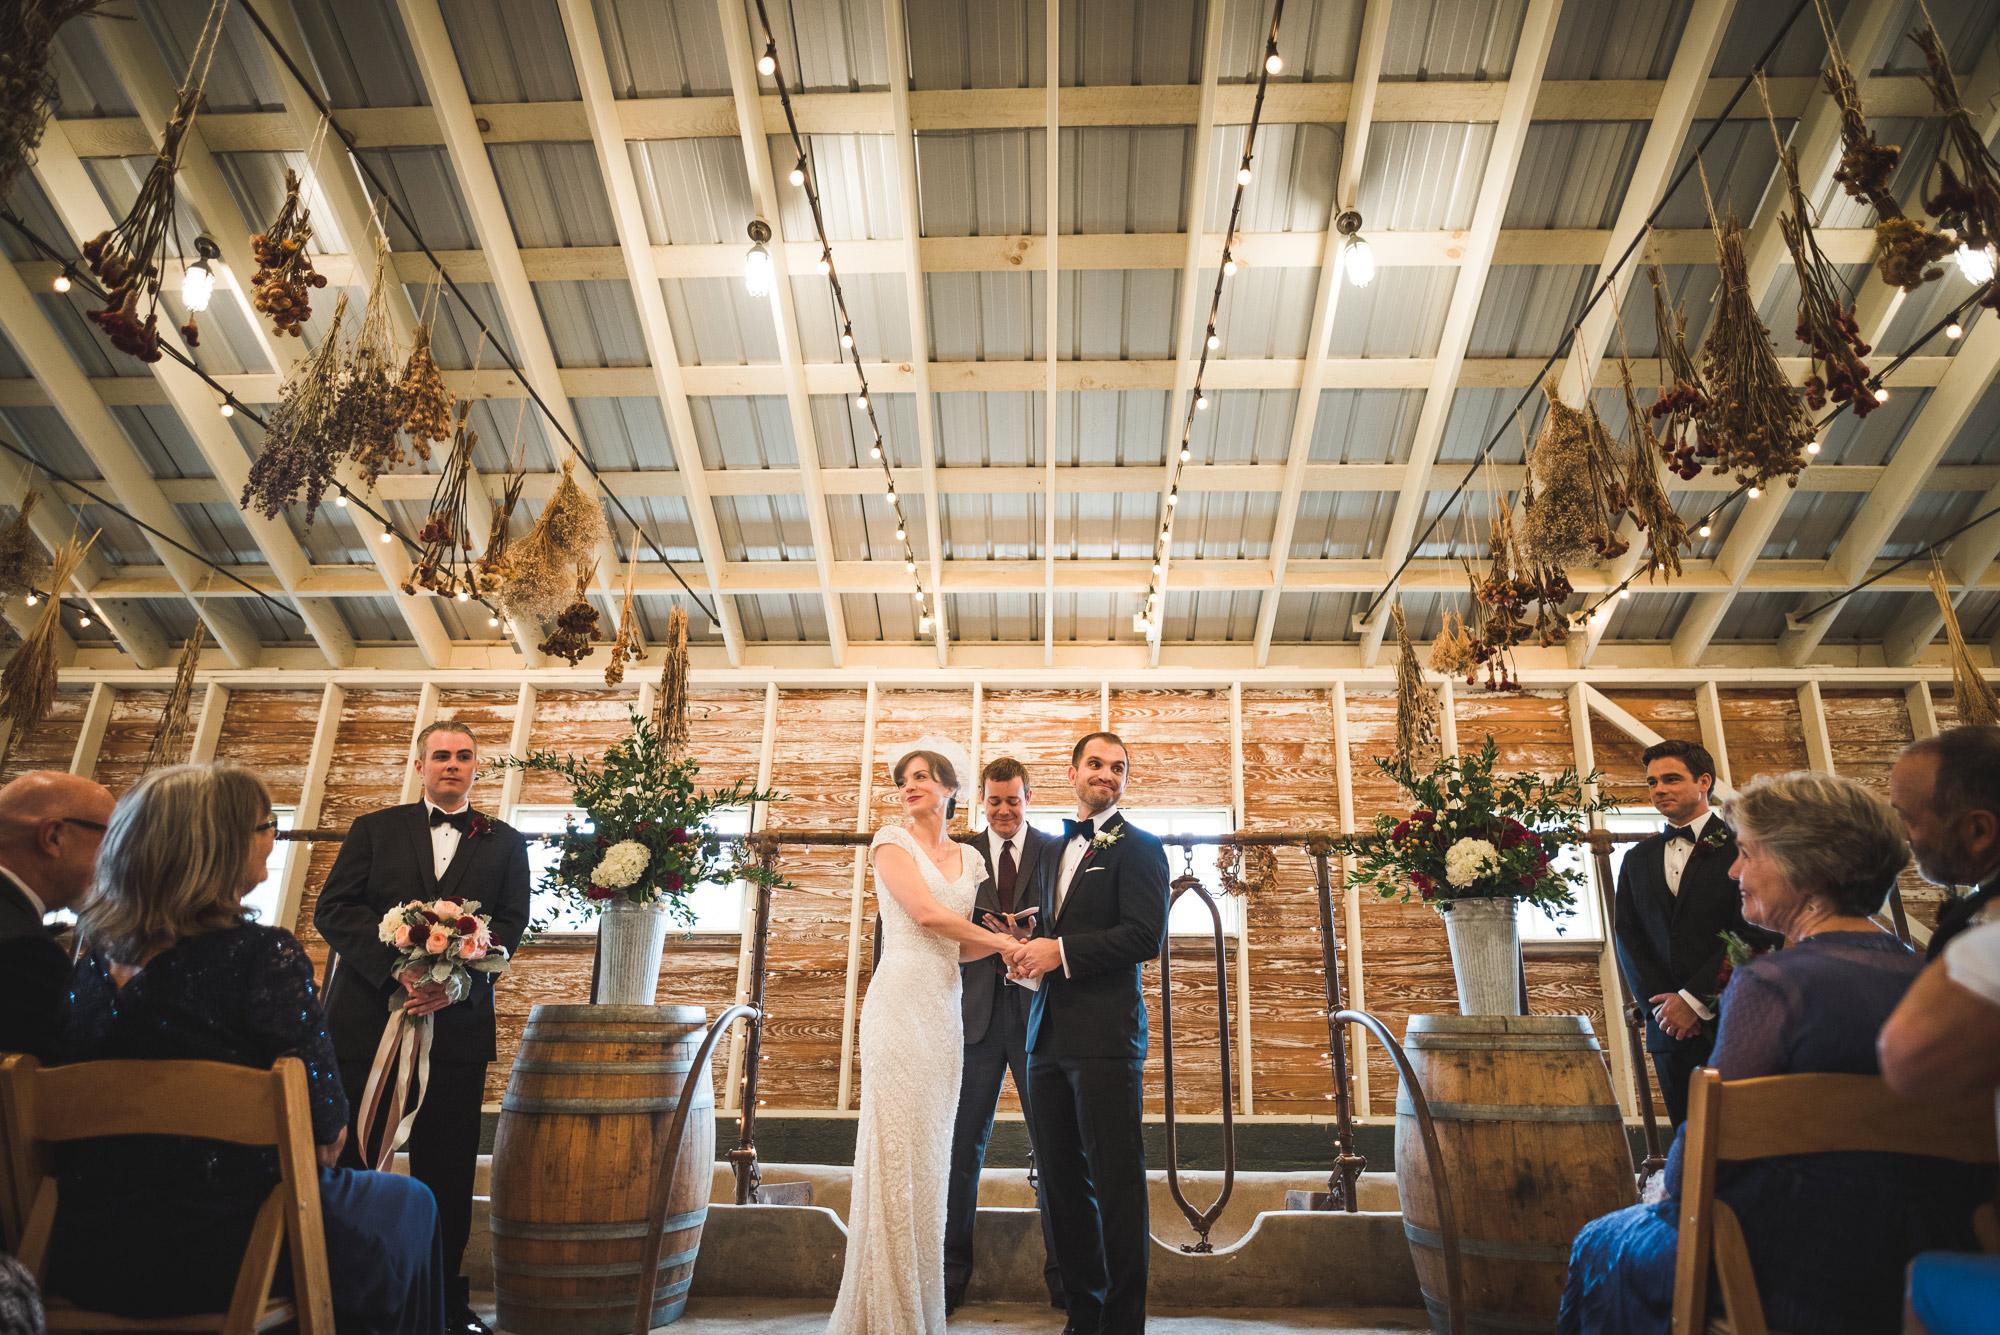 North georgia plantation wedding